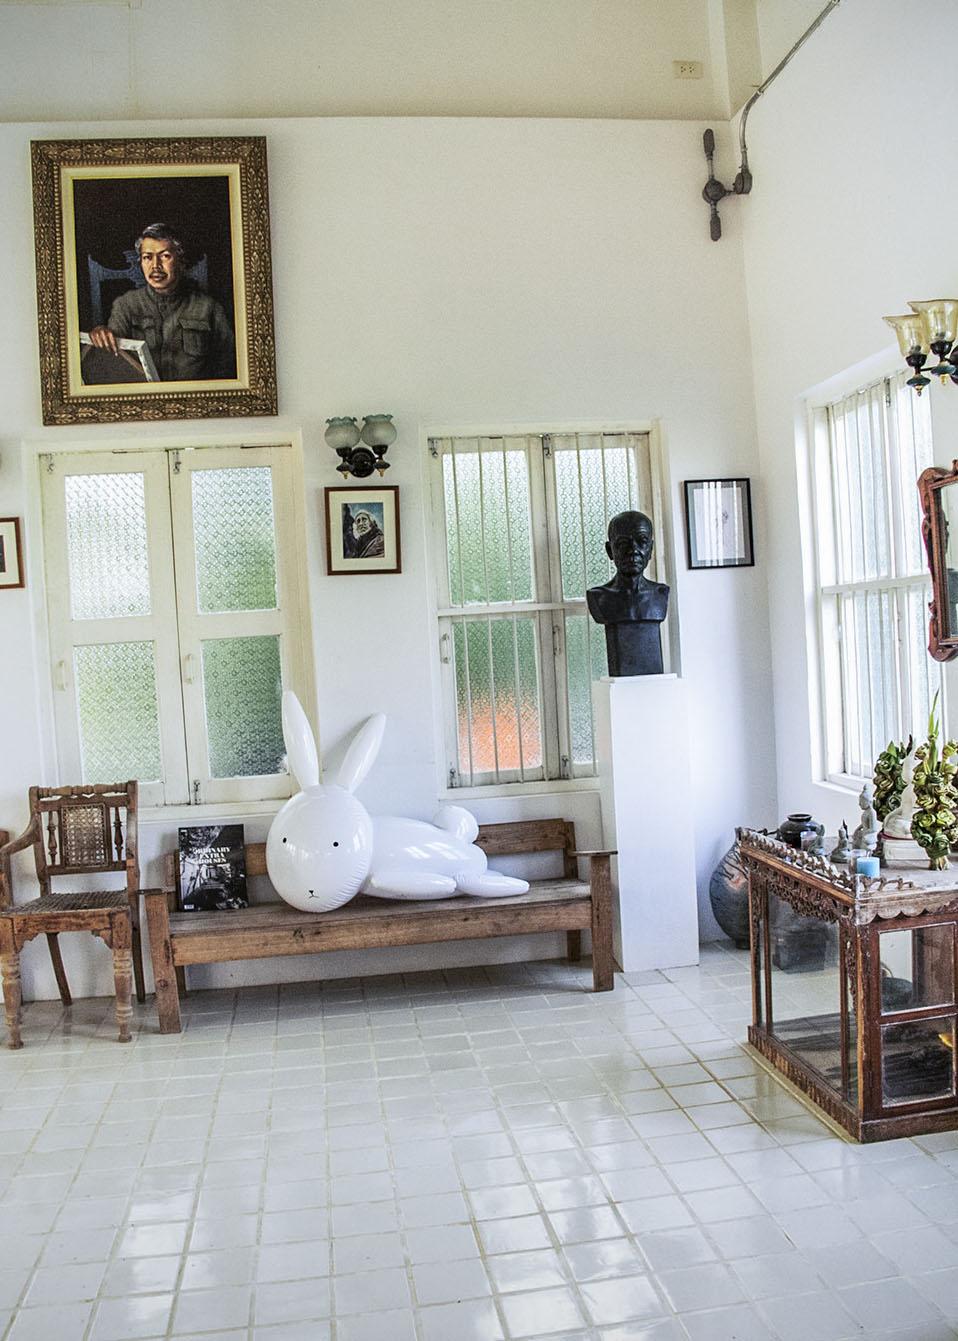 Thai artist   Supachai Satsara's home | Chiang Mai, Thailand